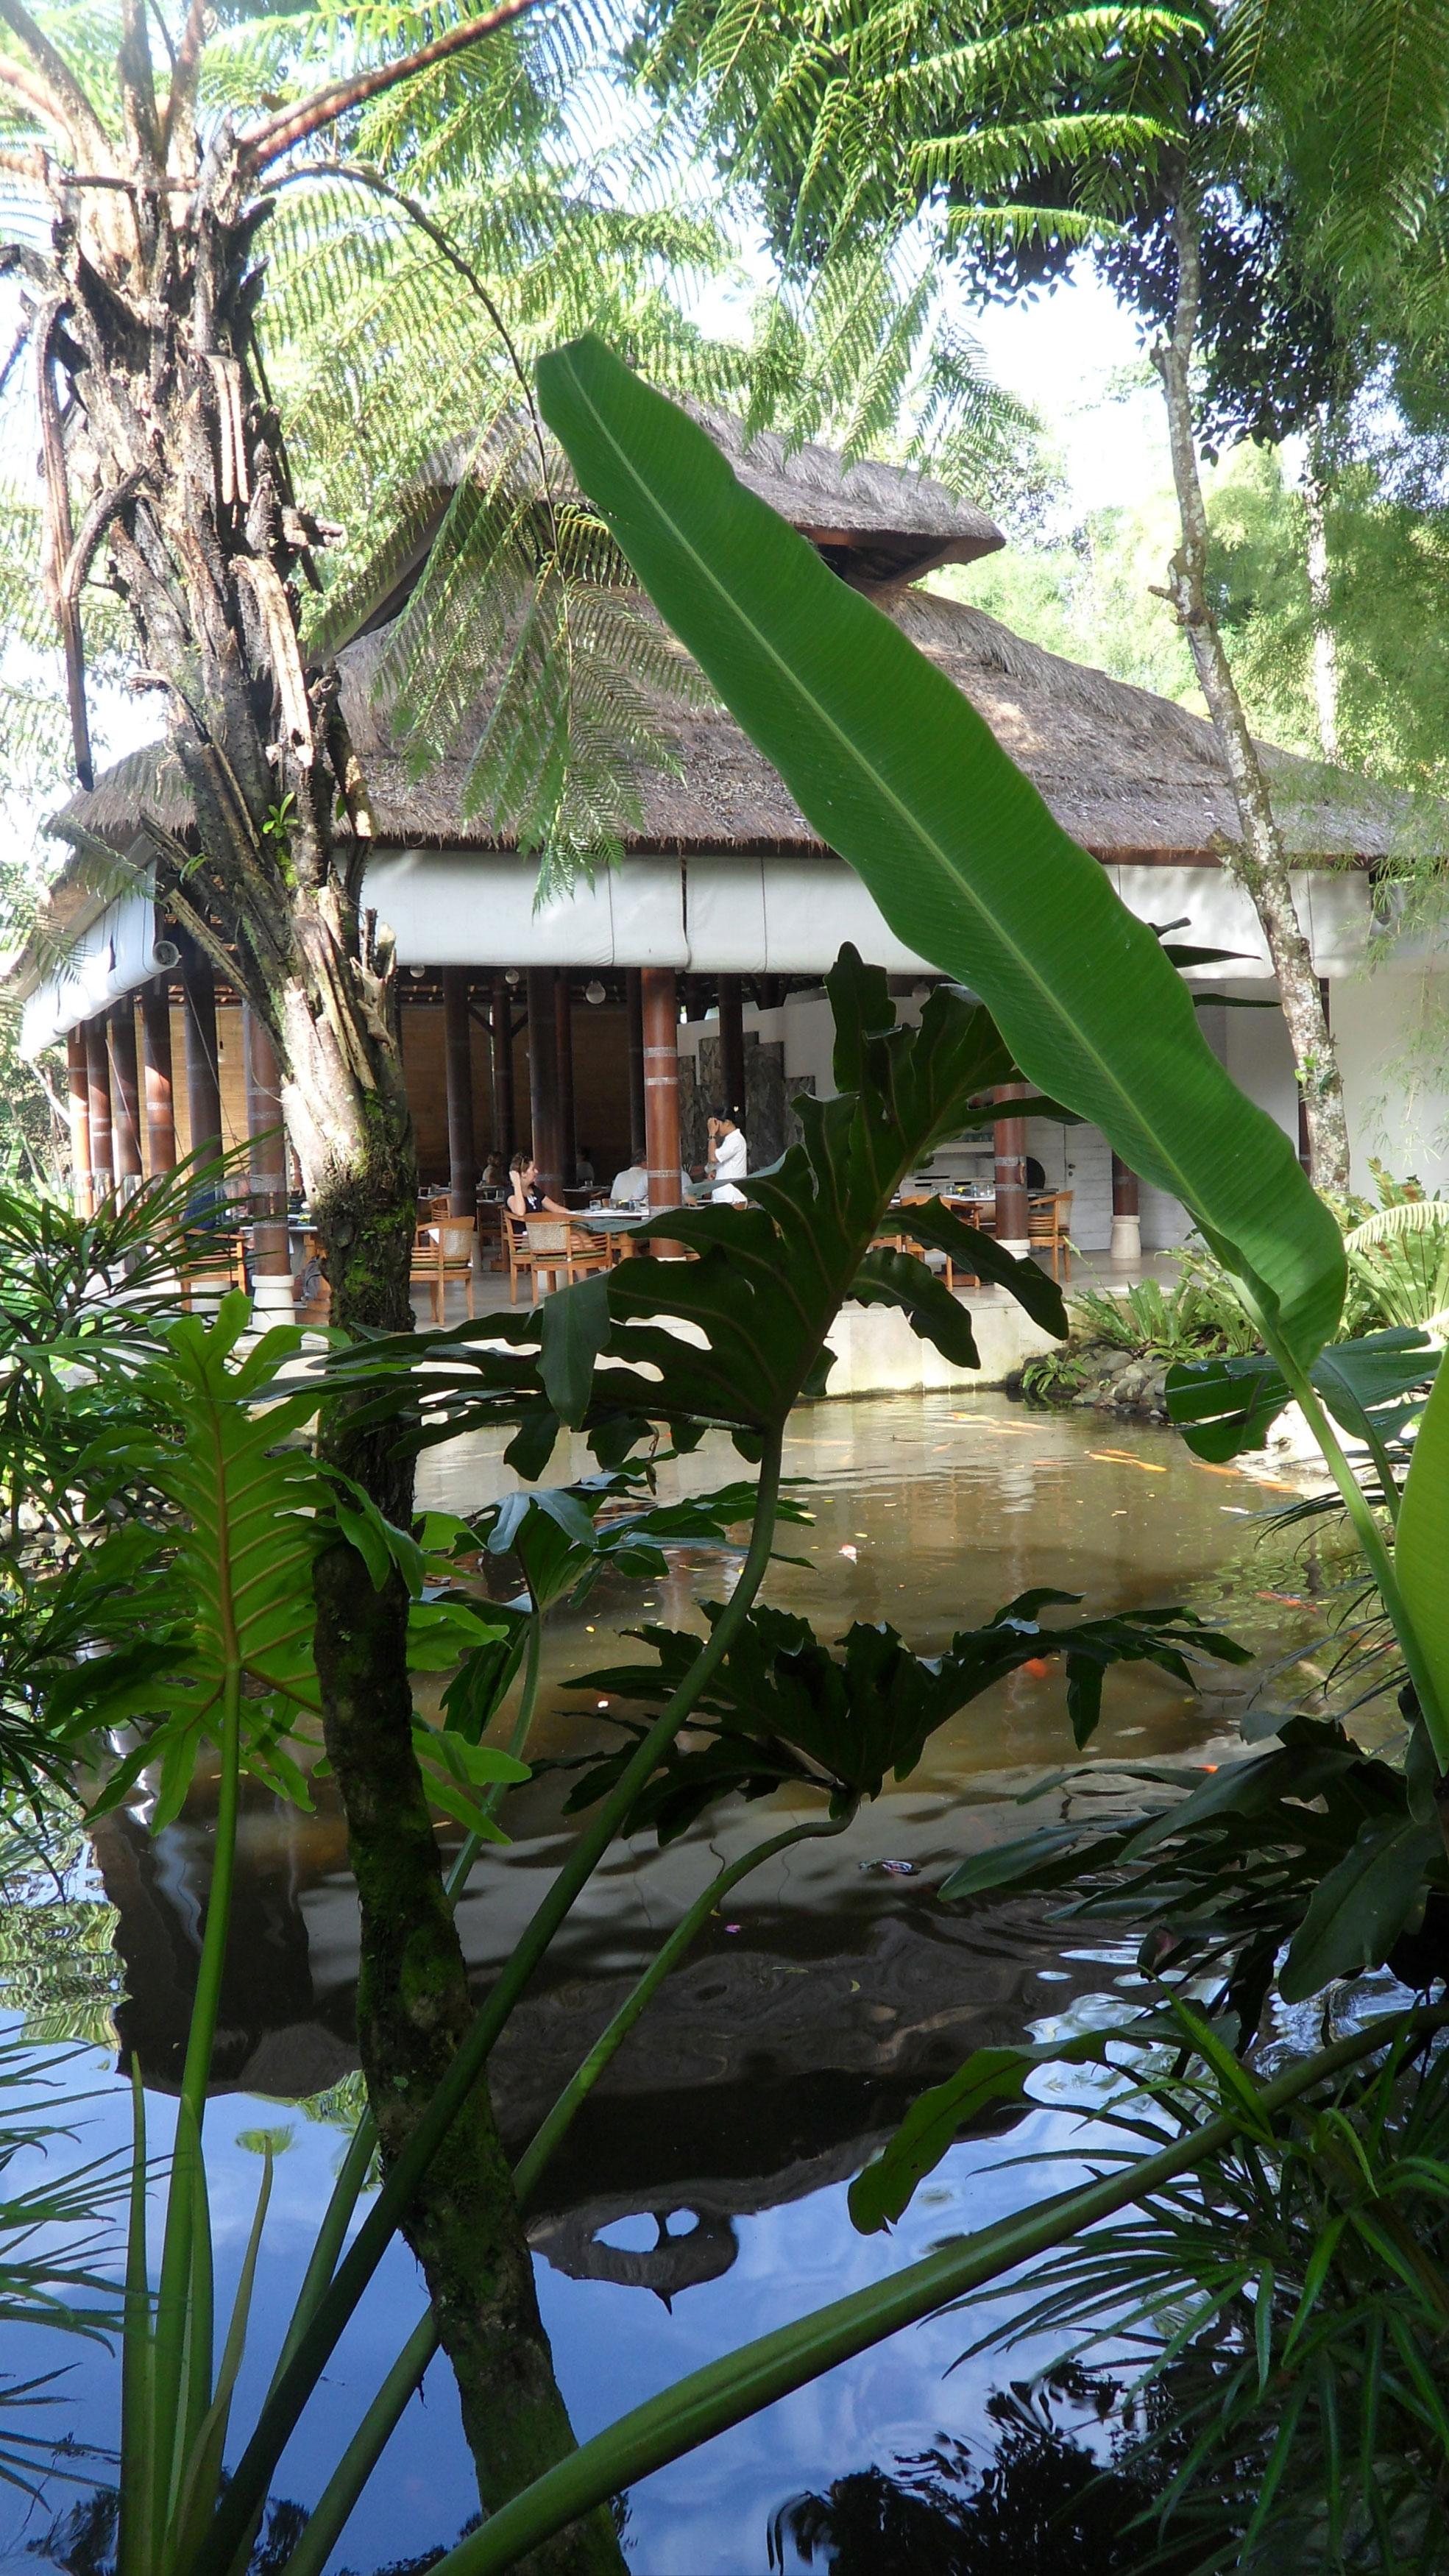 Breakfast at Bali's Kemiri